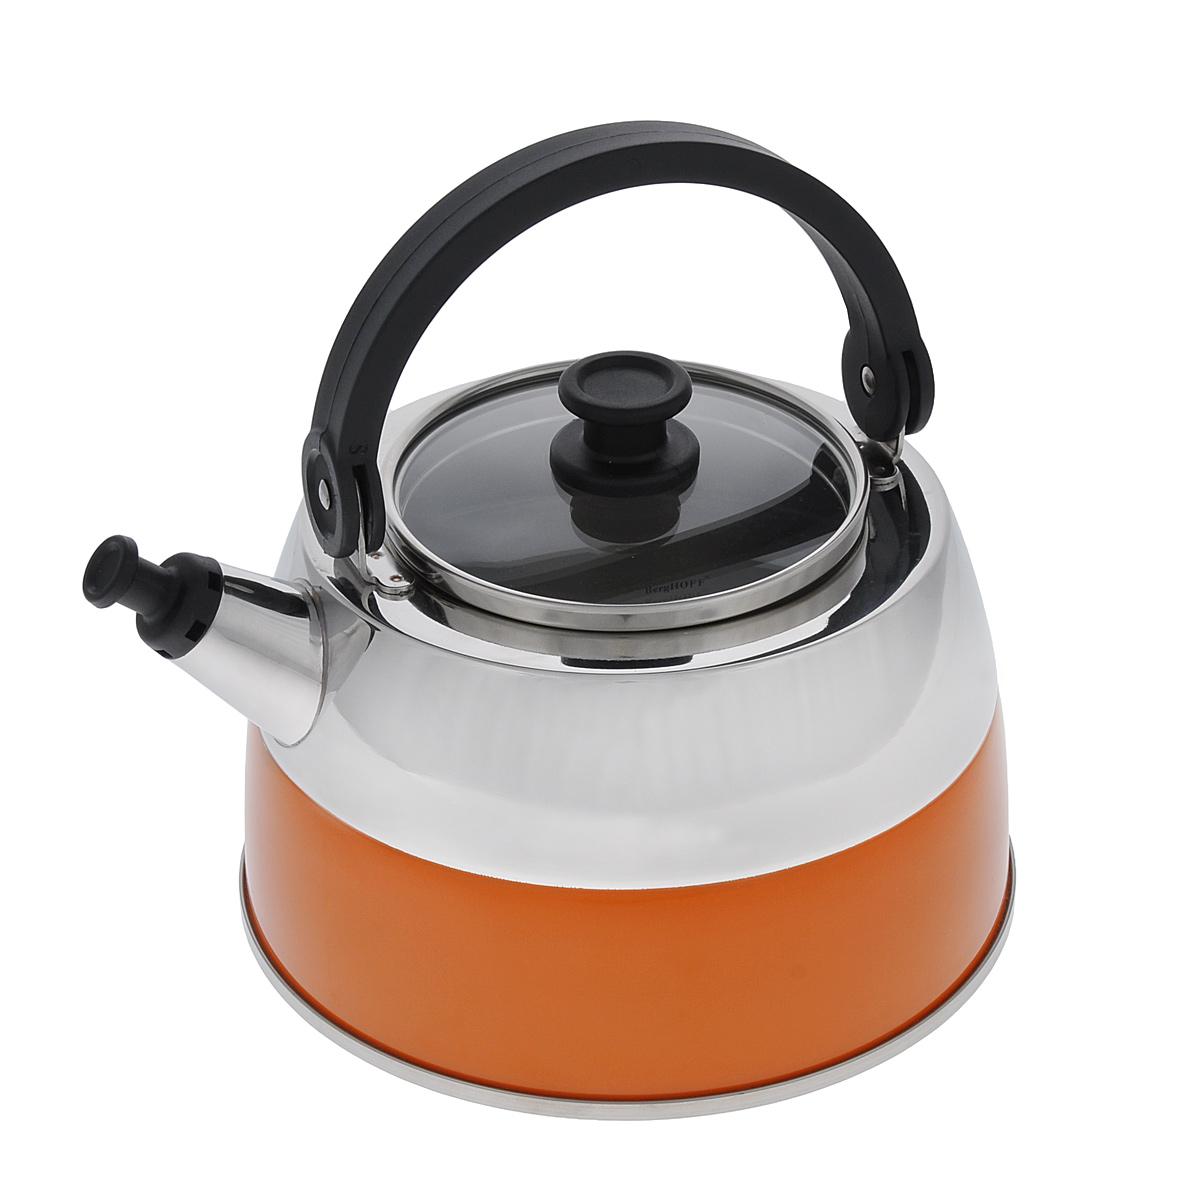 Чайник BergHOFF Virgo Orange, со свистком, 2,5 л68/5/2Чайник BergHOFF Virgo Orange изготовлен из высококачественной нержавеющей стали 18/10, которая обладает бактериостатическими свойствами. Сталь 18/10 - один из наиболее тонких и сбалансированных сплавов, используемых во всем мире, который гарантирует высокую химическую нейтральность к пище, обладает высокими антикоррозионными свойствами. Изделие оснащено стеклянной крышкой с ободом из нержавеющей стали и ручкой из бакелита. Носик чайника имеет насадку-свисток, что позволит вам контролировать процесс подогрева или кипячения воды. Высокоэффективный чайник продуктивно проводит тепло для быстрого закипания.Подходит для всех типов плит, включая индукционные. Рекомендуется мыть вручную.Диаметр чайника (по верхнему краю): 11 см.Высота чайника (с учетом ручки): 21 см.Высота чайника (без учета ручки): 11 см.